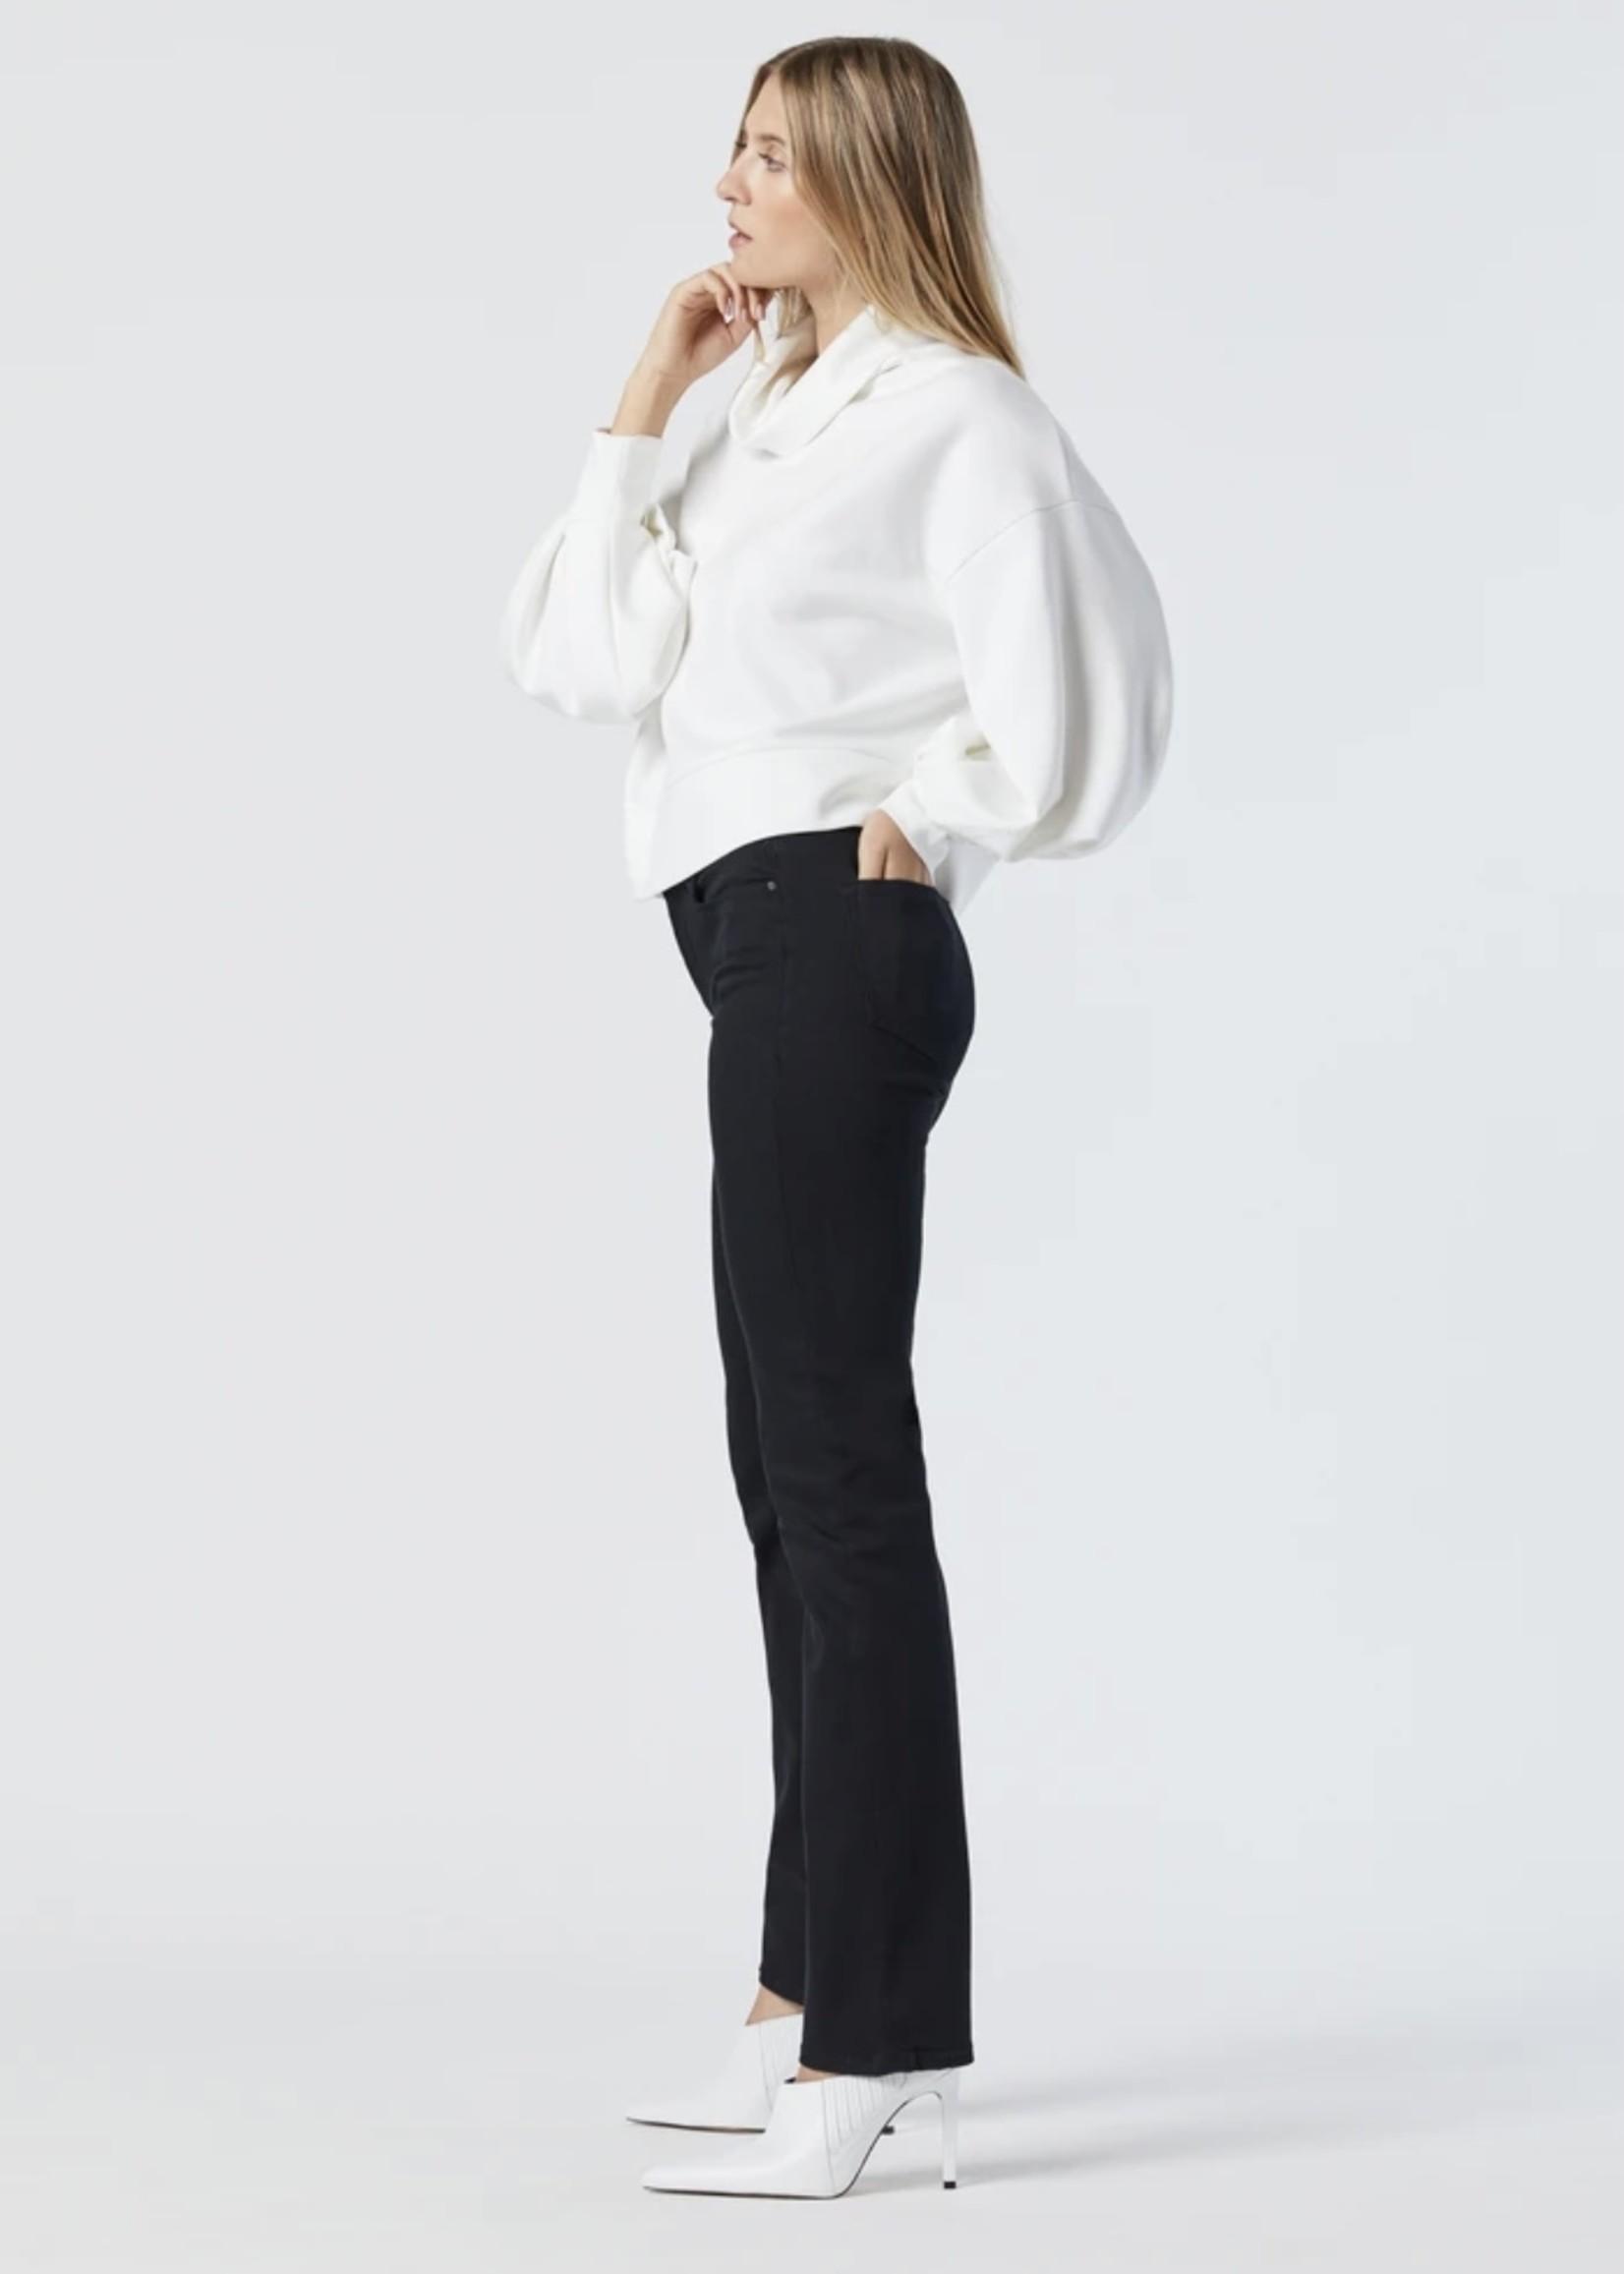 MAVI Jeans Veronica Tribeca Denim